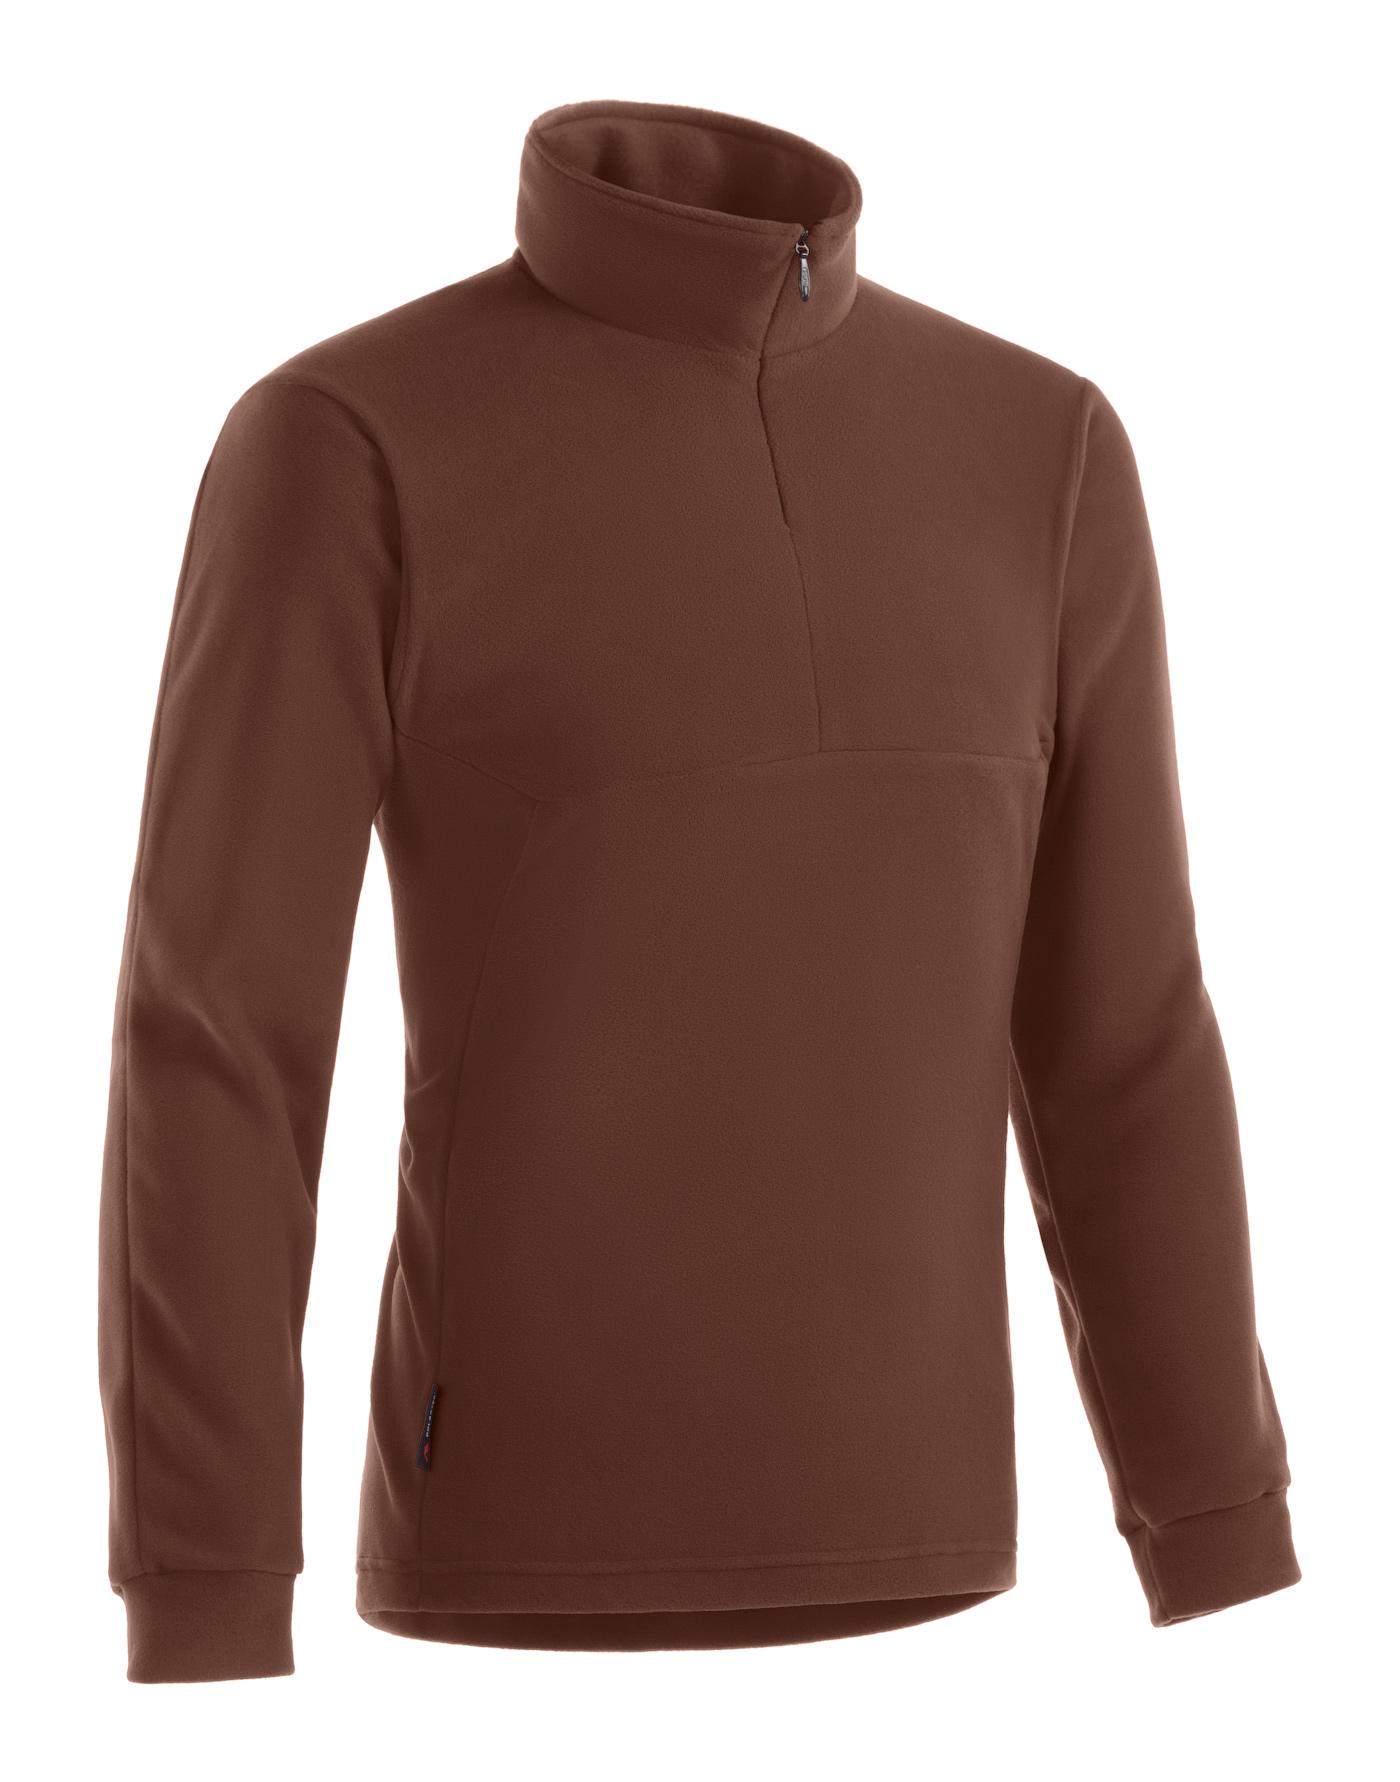 Купить Куртка BASK SCORPIO MJ V3 коричневый хаки, Компания БАСК